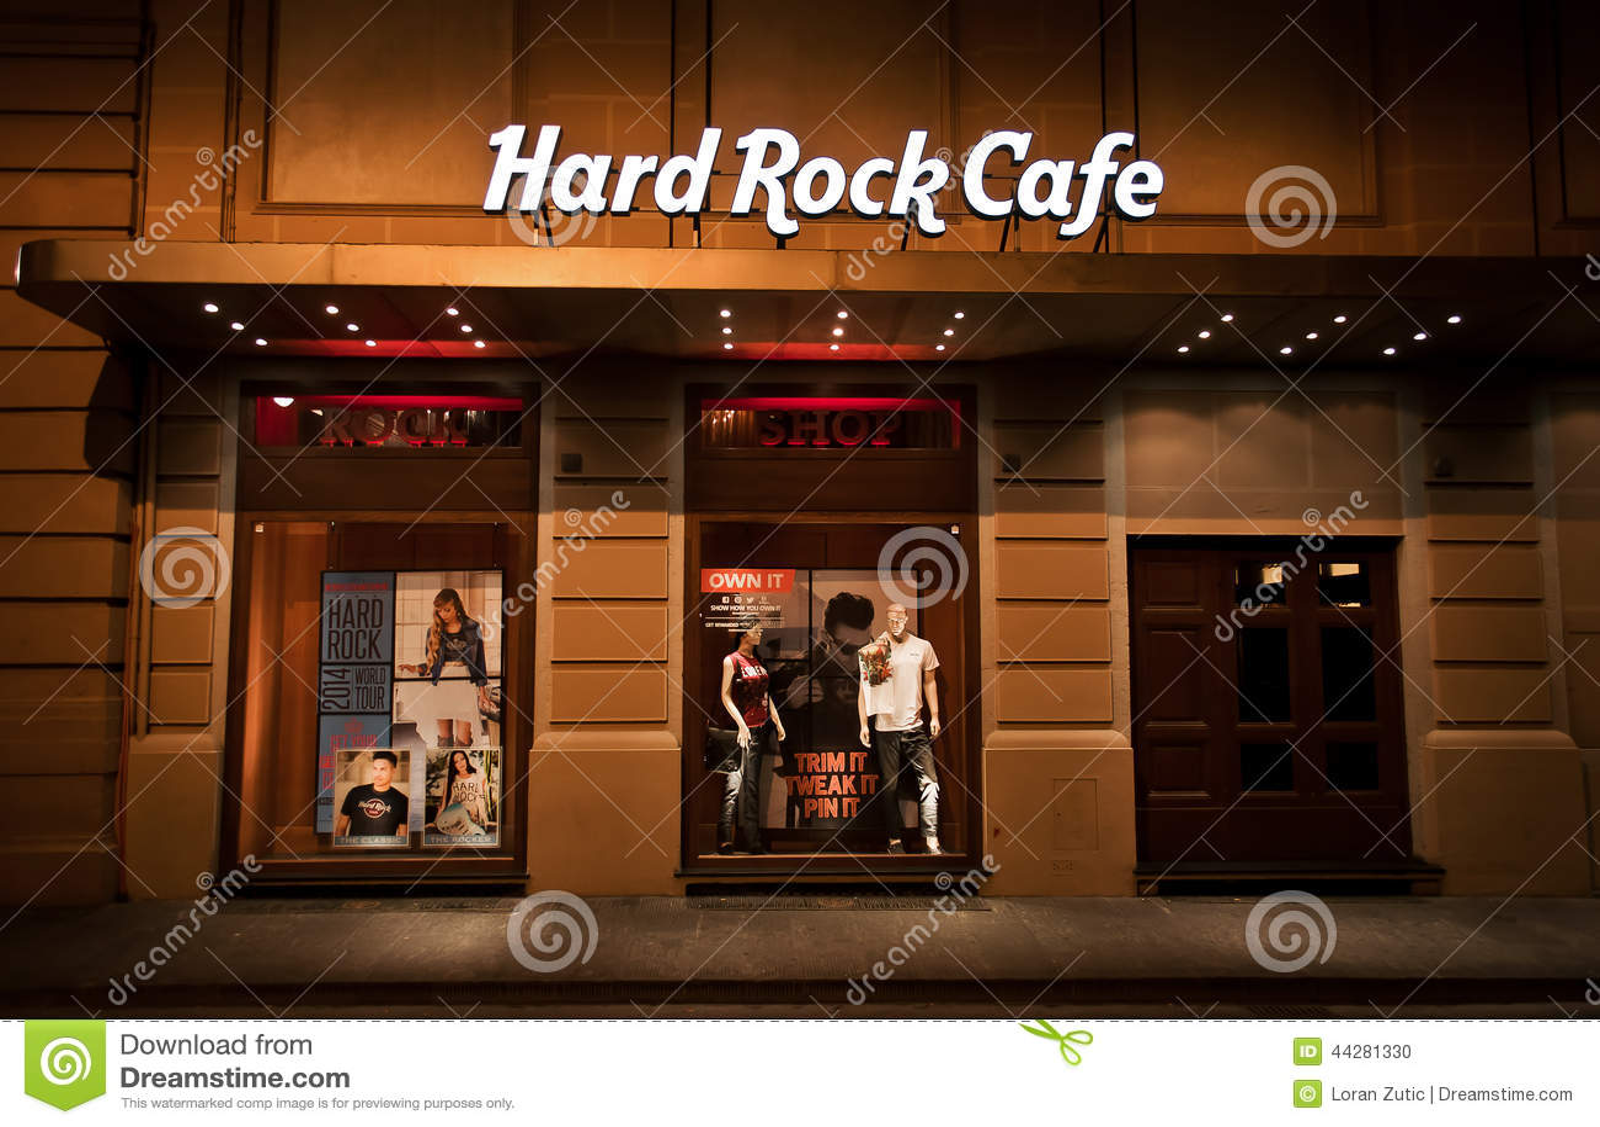 Hard Rock Cafe Management